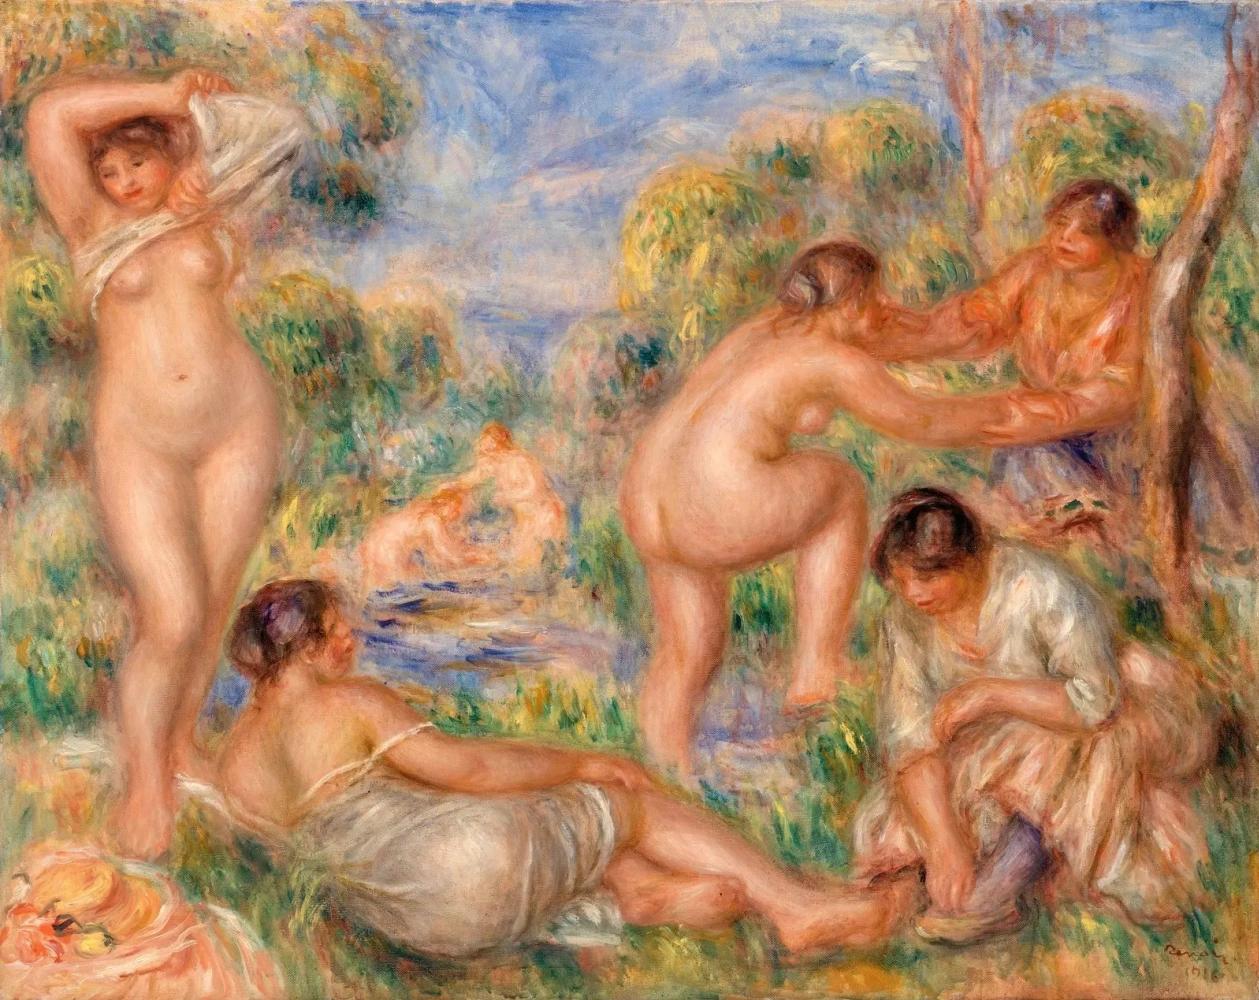 Купальщицы Пьер Огюст Ренуар, 1916, 73.5×92.5 см